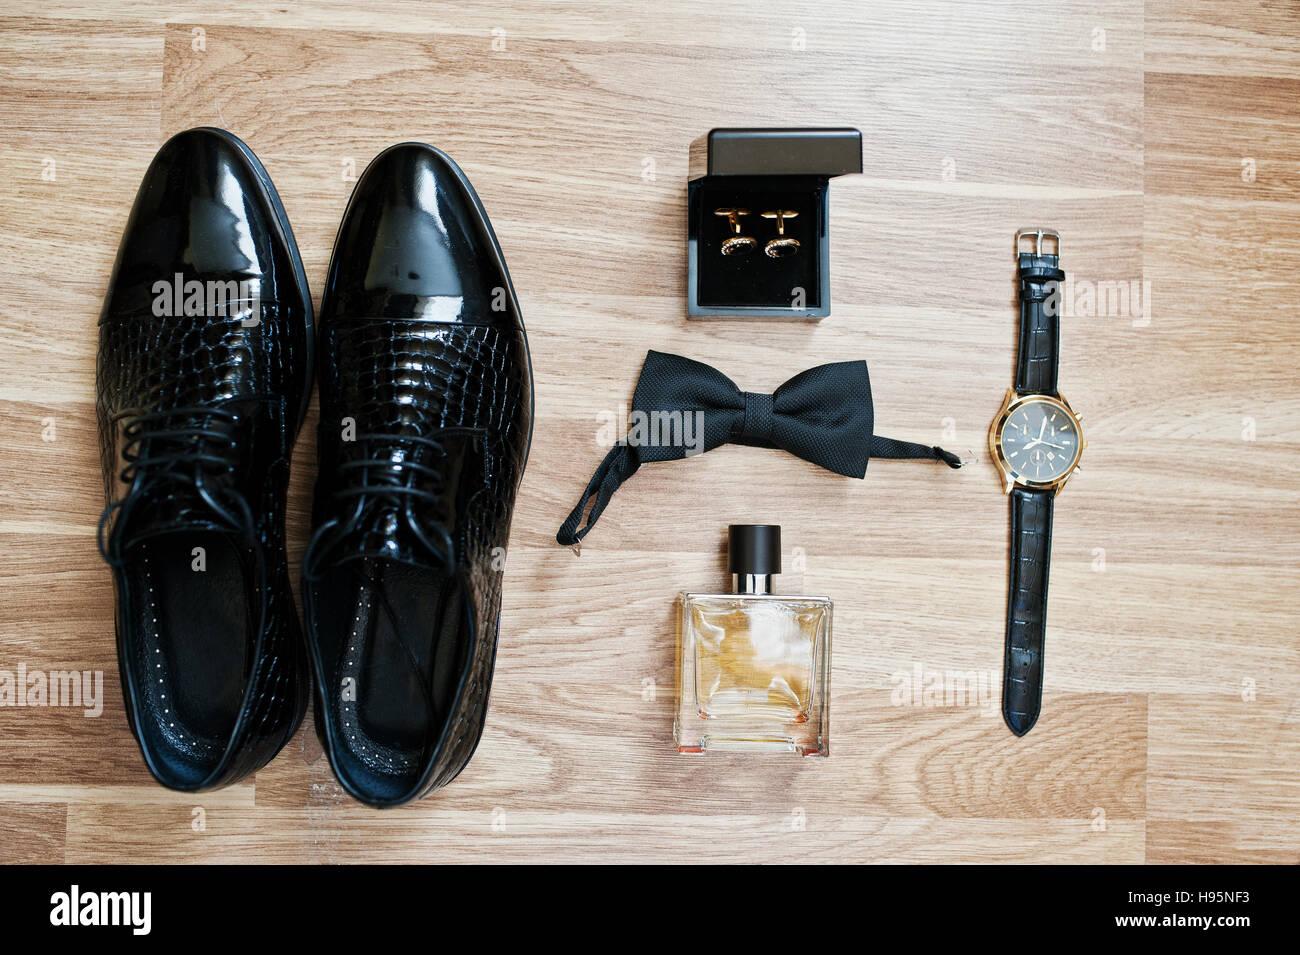 2d32918396 Satz von trendige Herren Kleidung und Accessoires. Festlegen Sie Bräutigam-Krawatten,  Schuhe, Manschettenknöpfe, Uhren und Parfum auf hölzernen Hintergrund